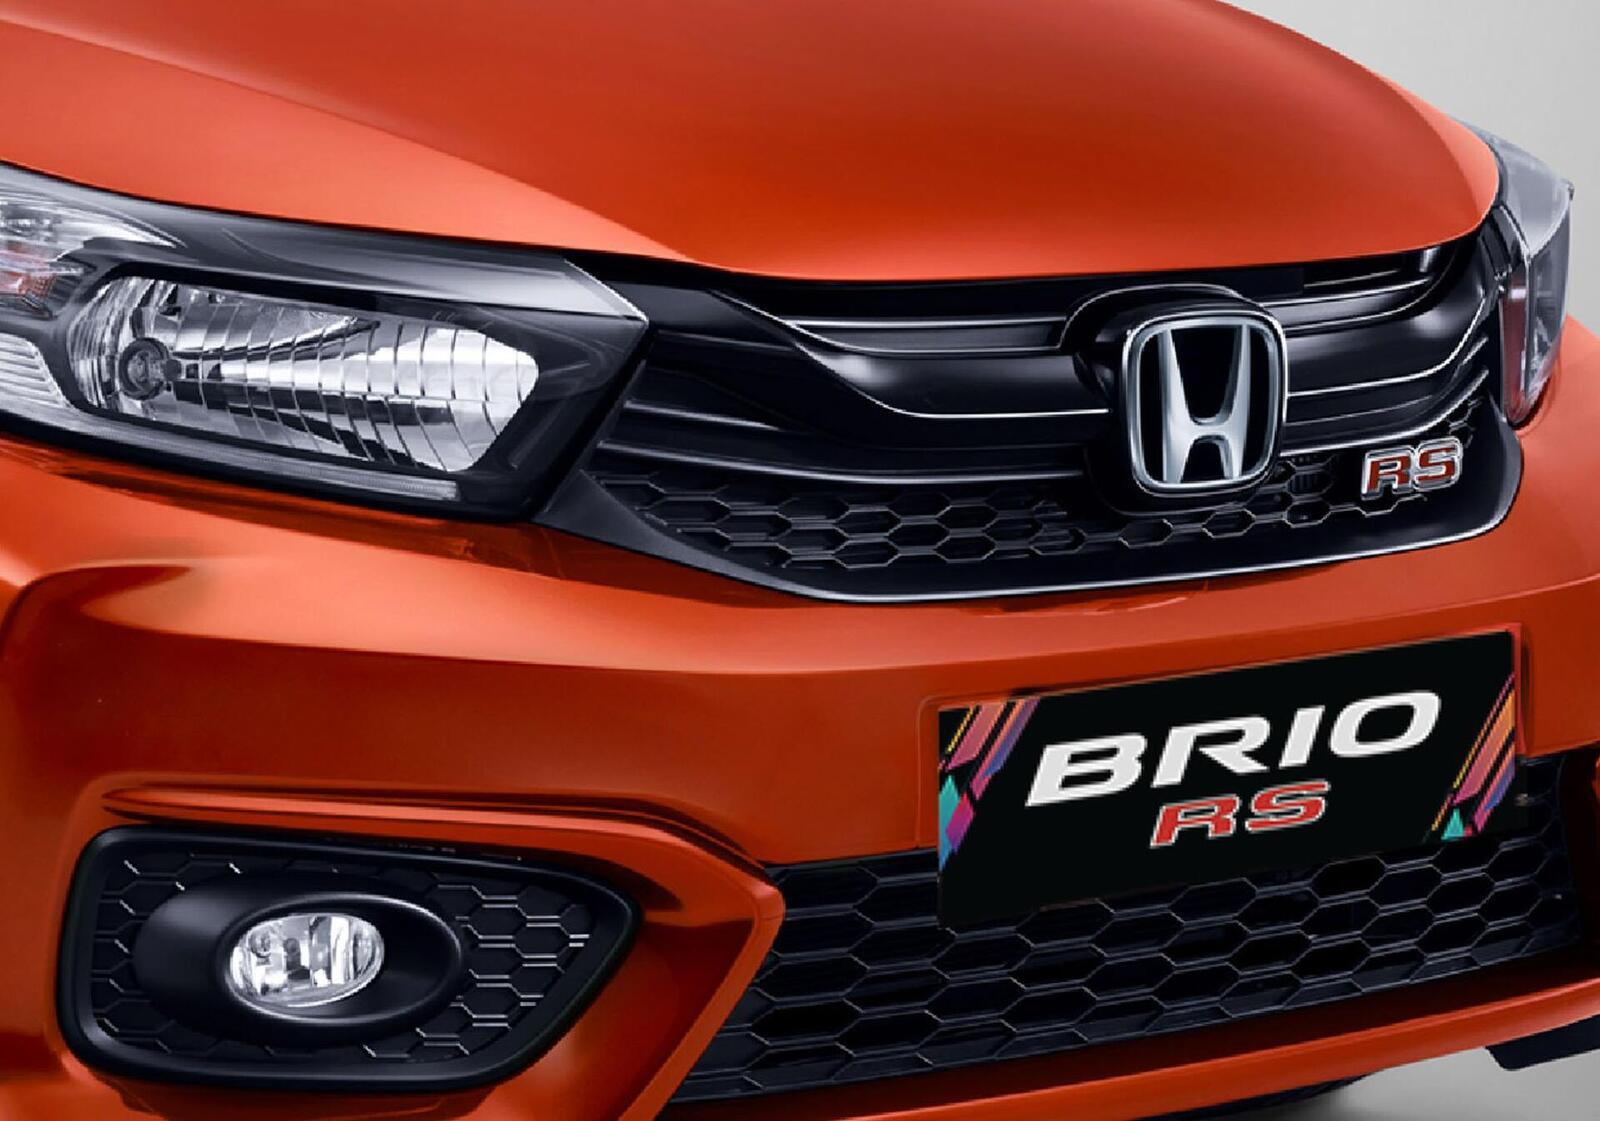 Dự đoán 3 phiên bản Honda Brio sắp ra mắt vào ngày 18.06 sắp tới - Hình 20